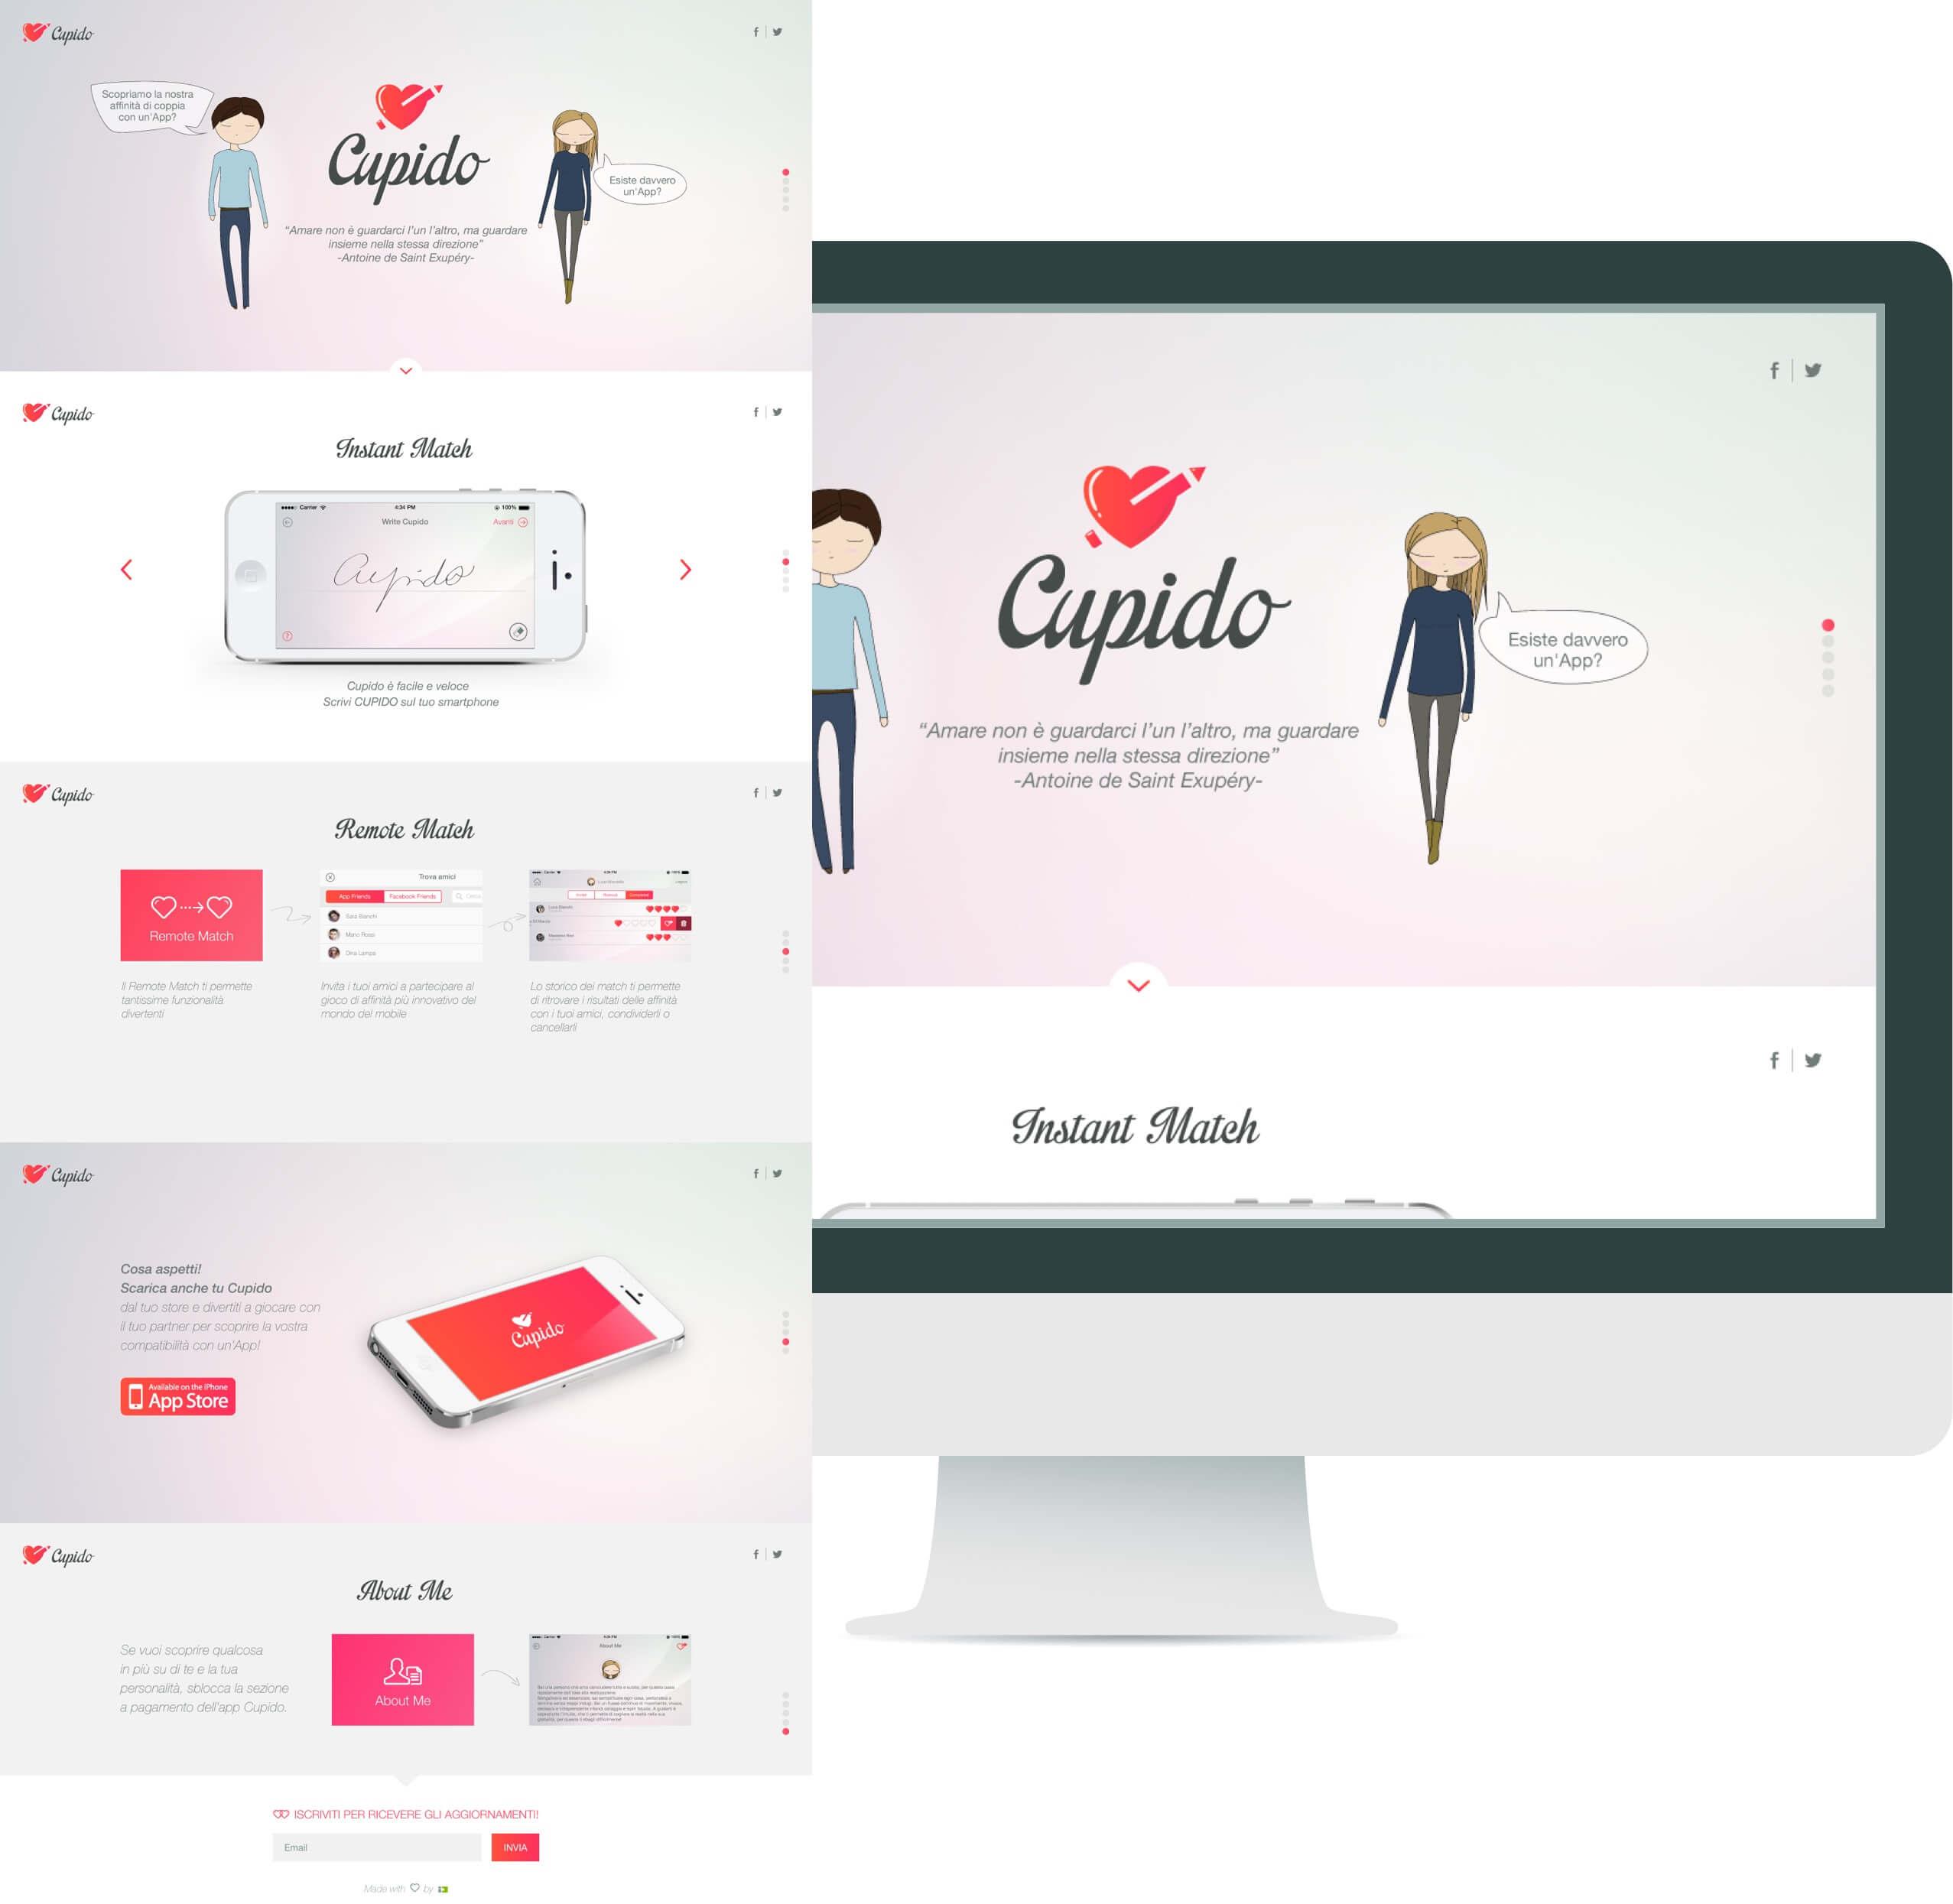 cupido-website